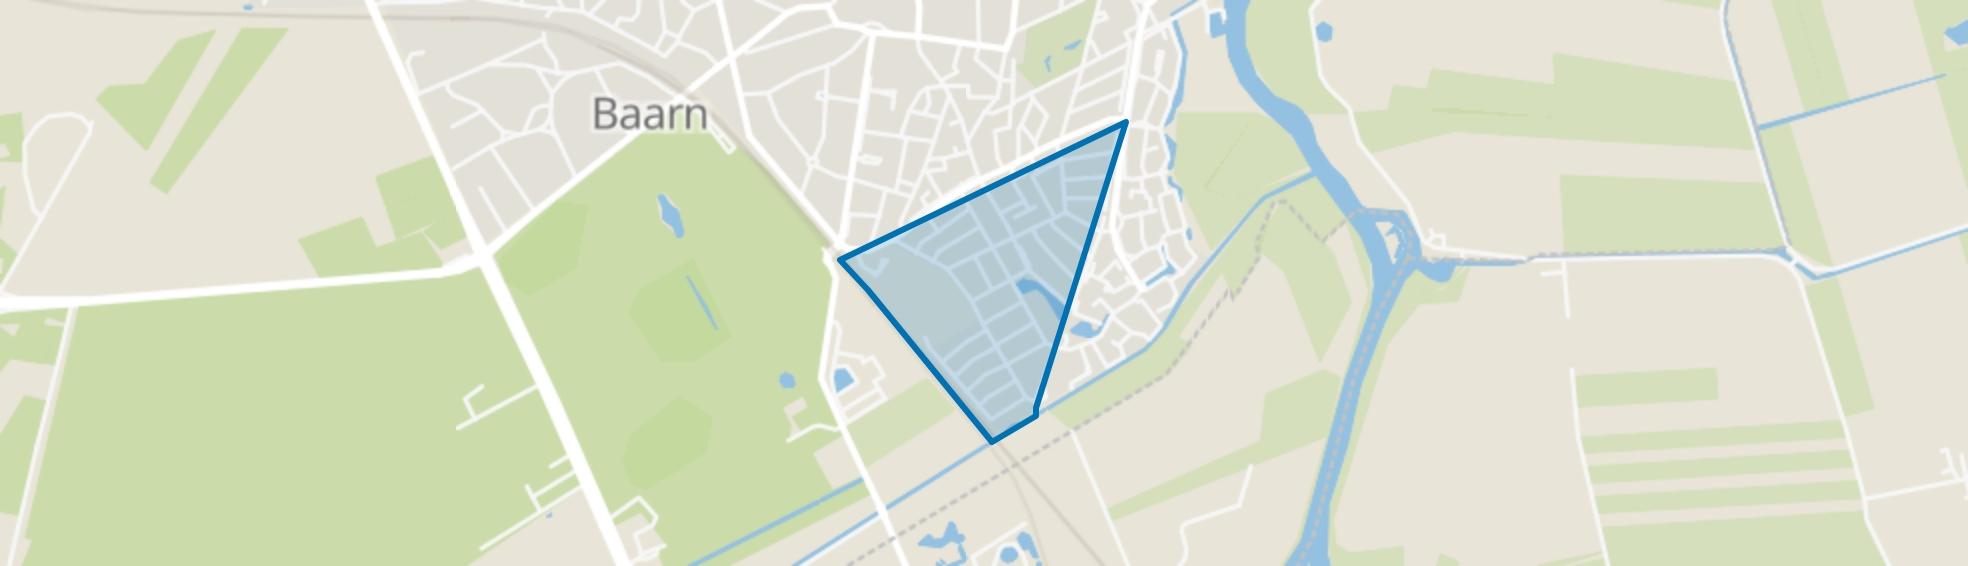 Nieuwe-Oosterhei, Baarn map